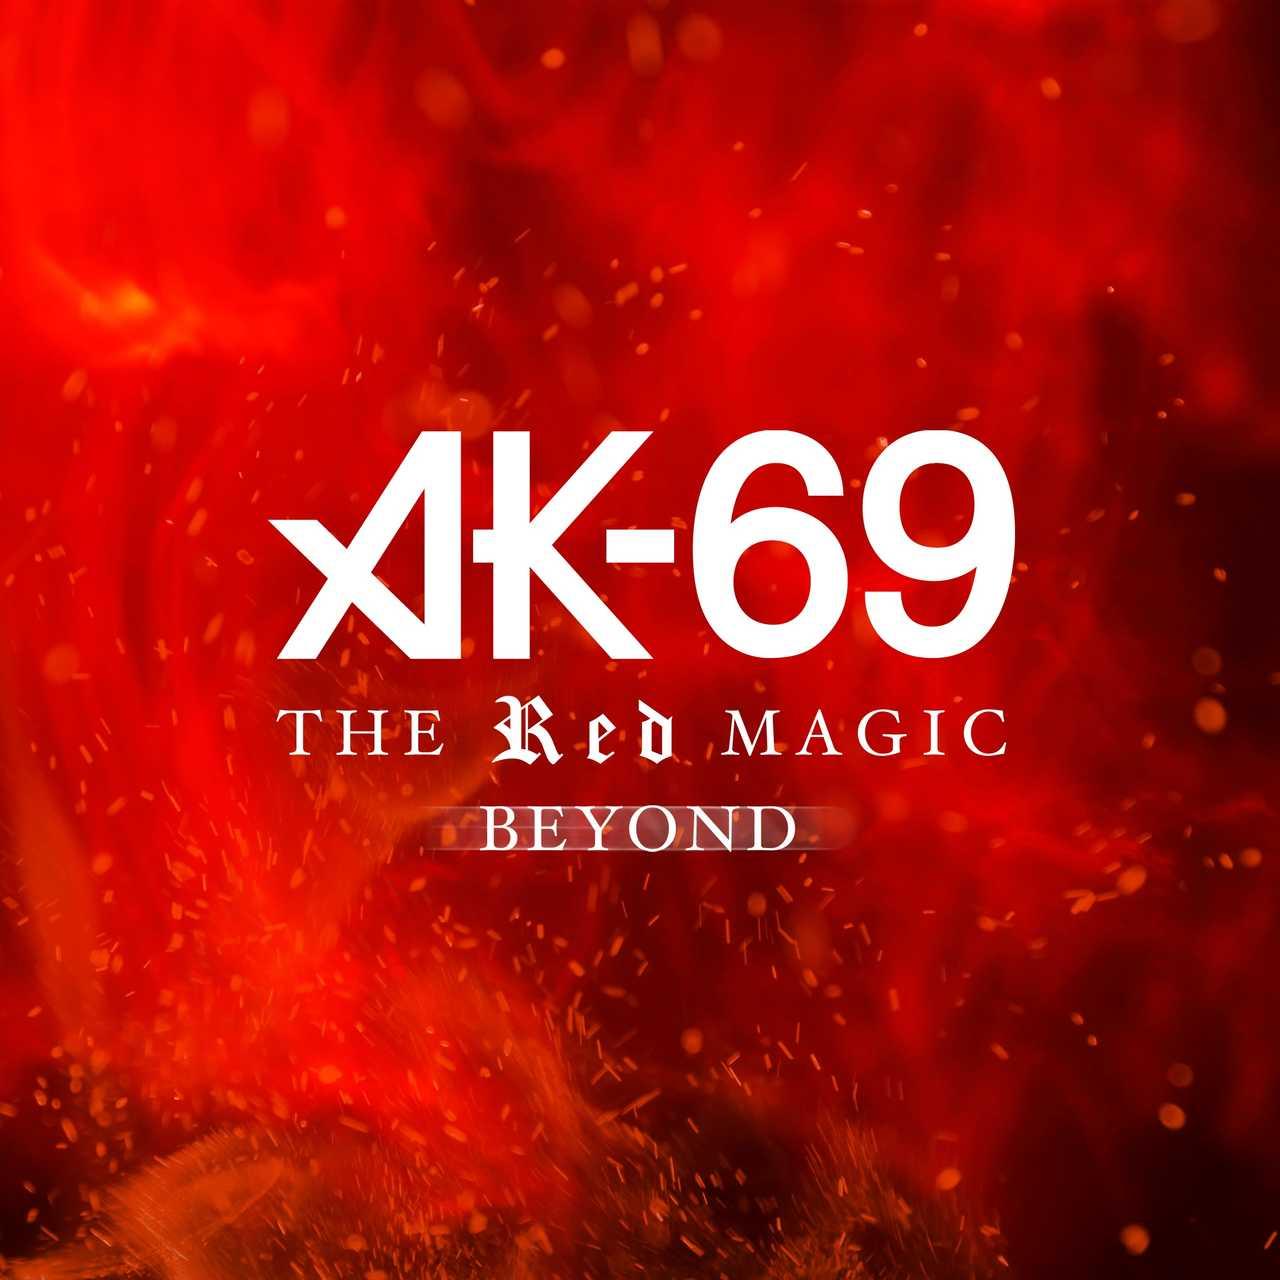 配信シングル「THE RED MAGIC BEYOND」